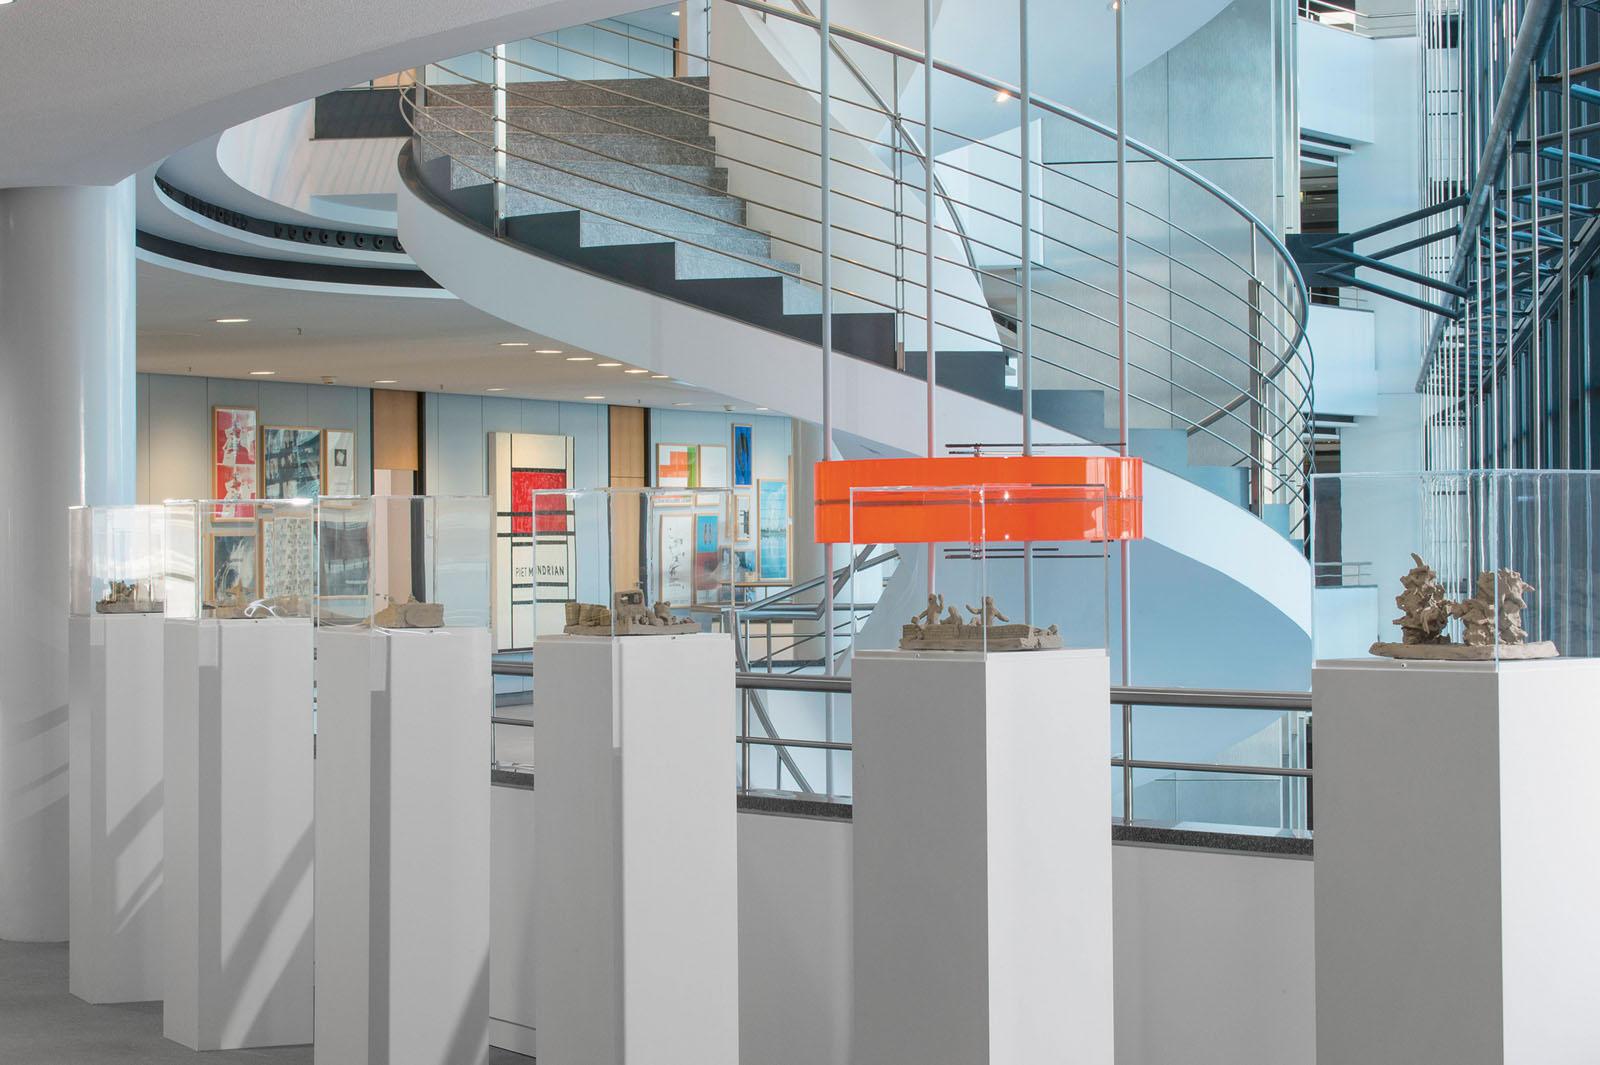 Lange Nacht der Museen Stuttgart - LBBW Samlung. Am Hauptbahnhof 2